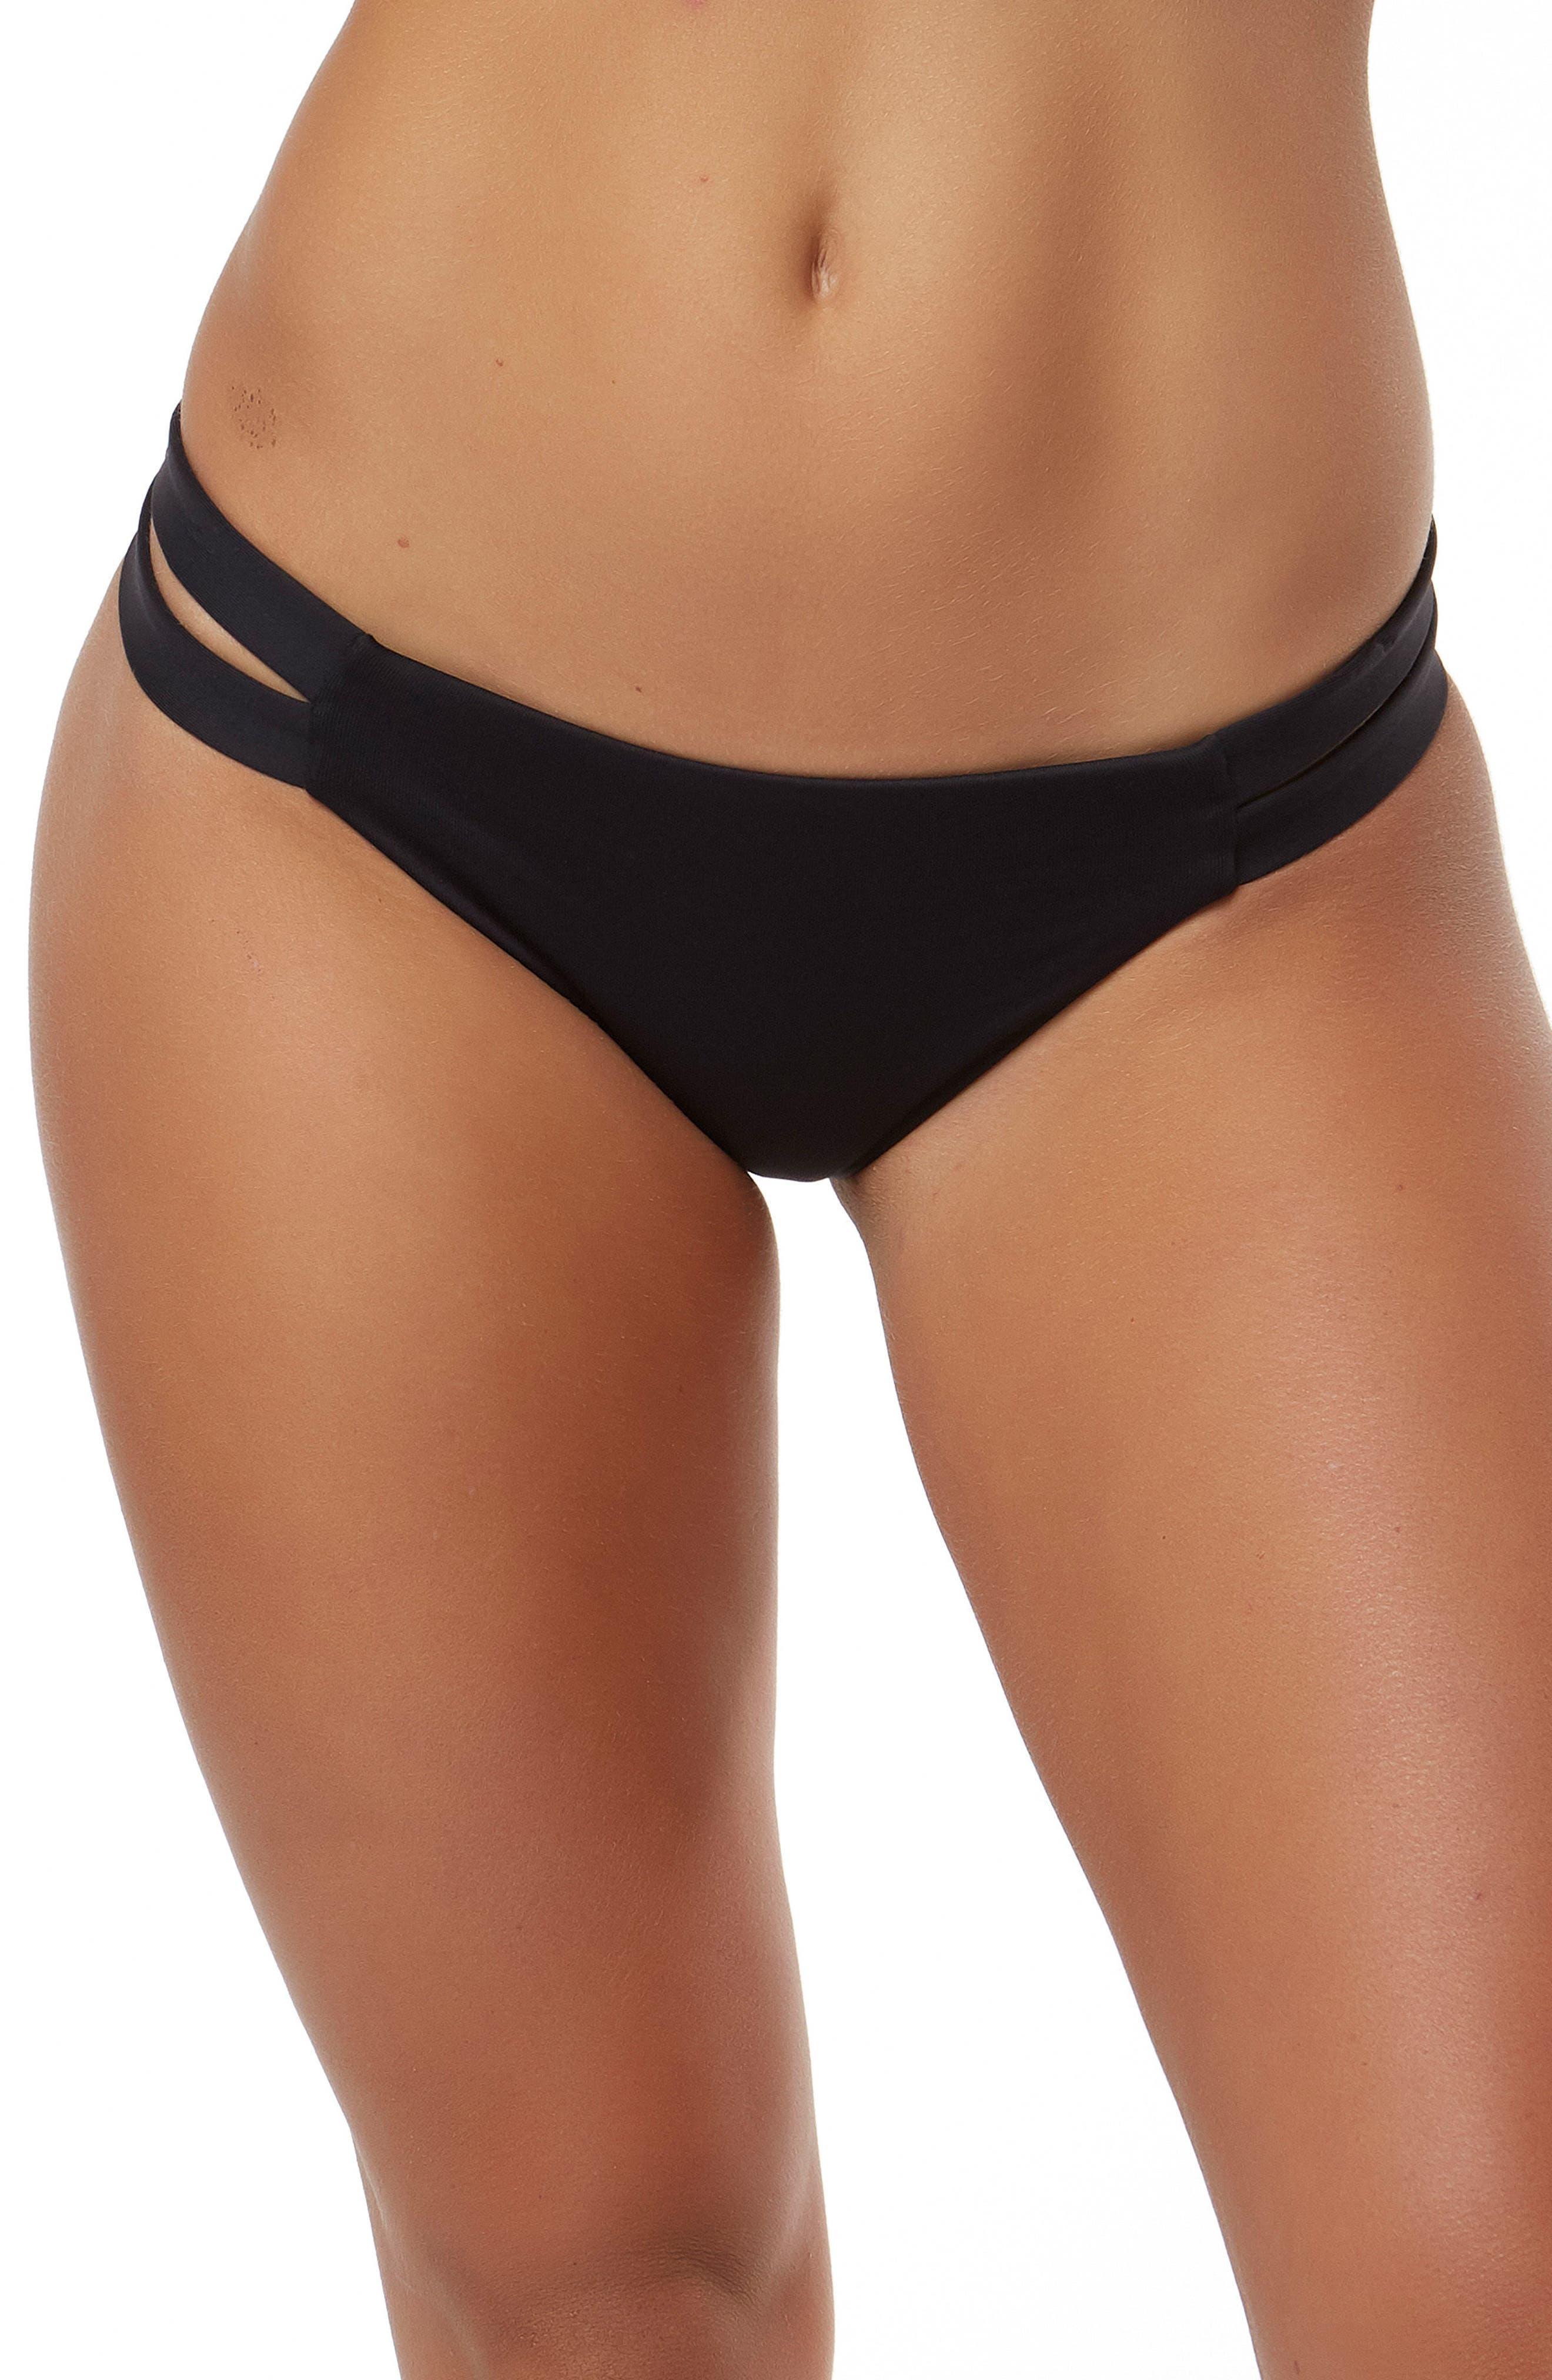 Elora Hybrid Bikini Bottoms,                             Main thumbnail 1, color,                             Black